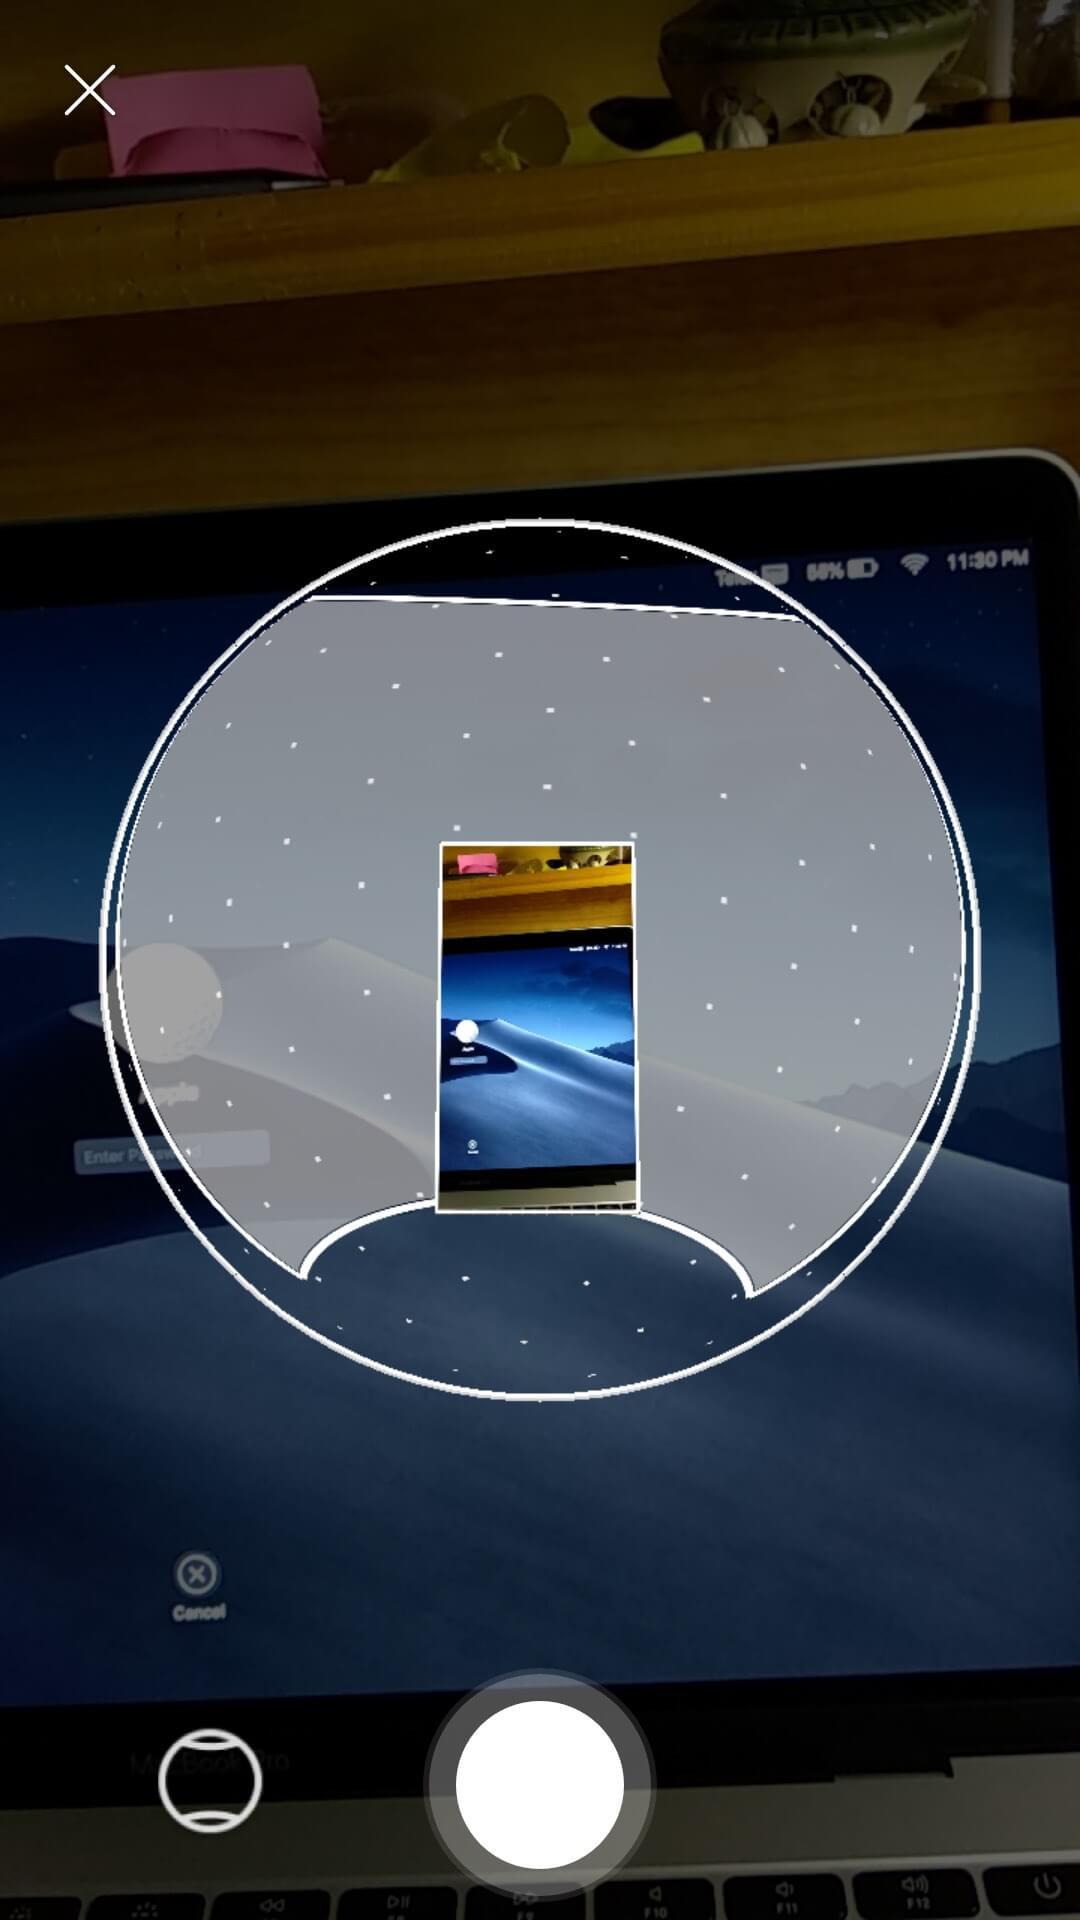 Hướng dẫn cách tạo và đăng ảnh 3D 360 độ lên Facebook 18